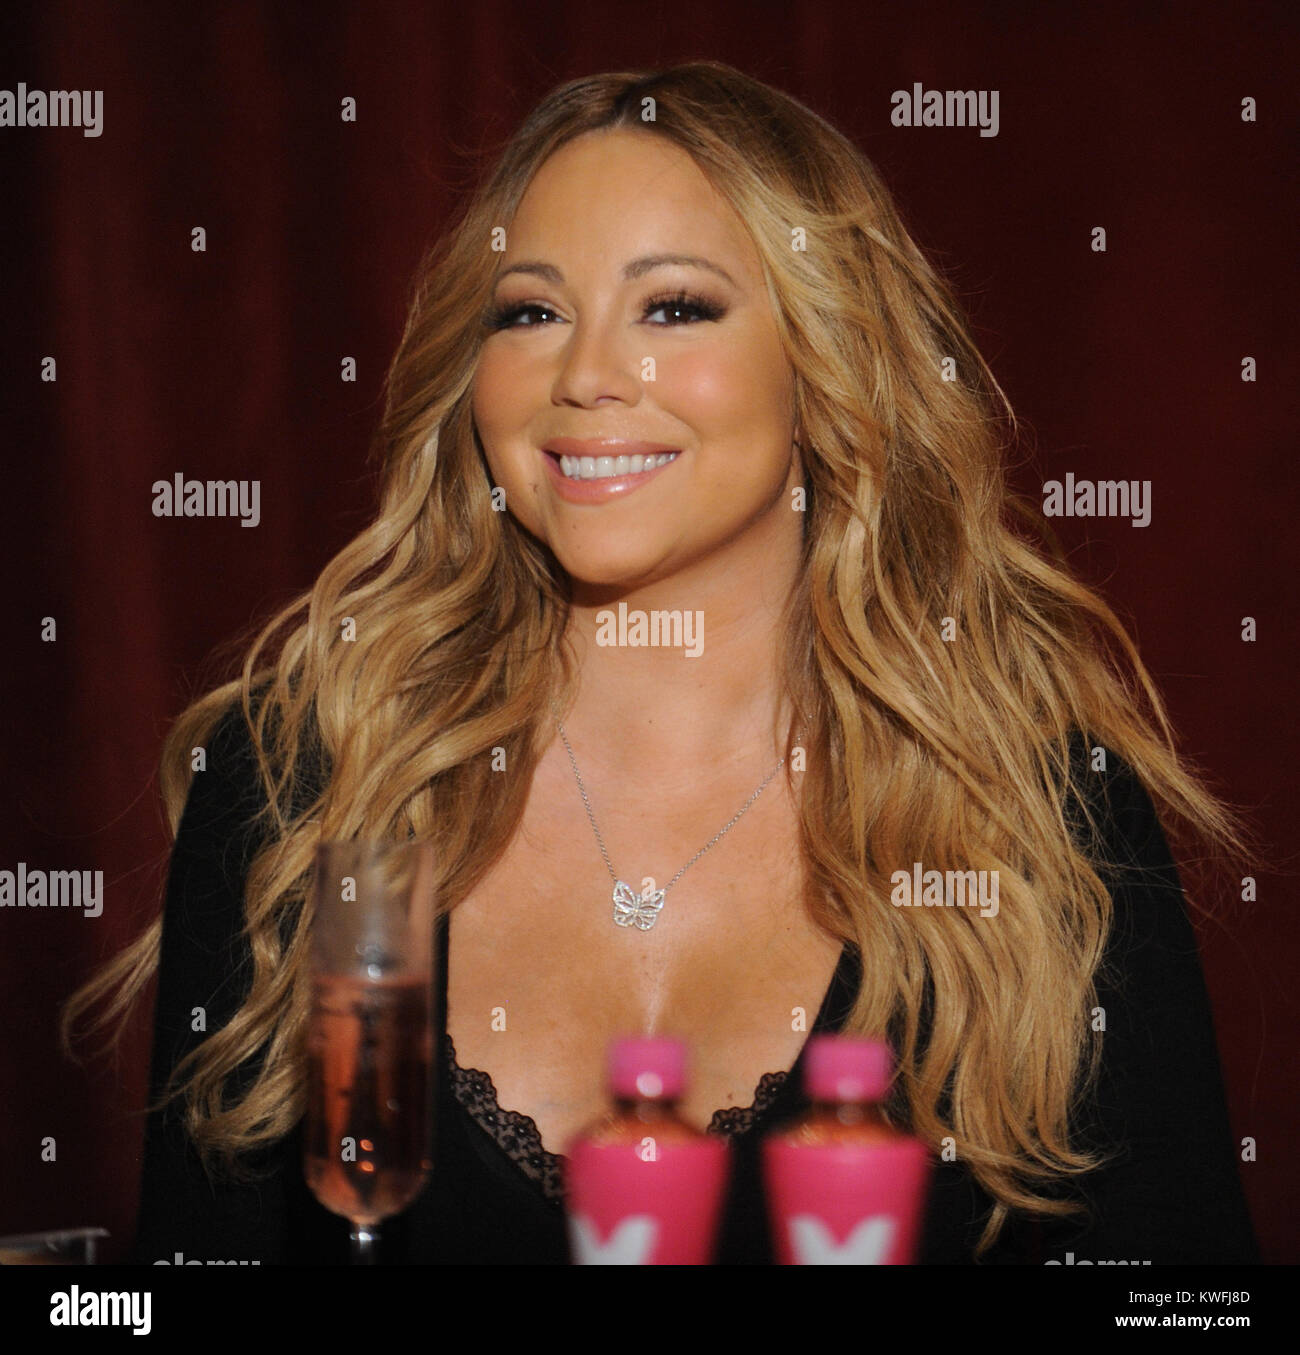 Singer Mariah Carey Stock Photos & Singer Mariah Carey Stock Images ...